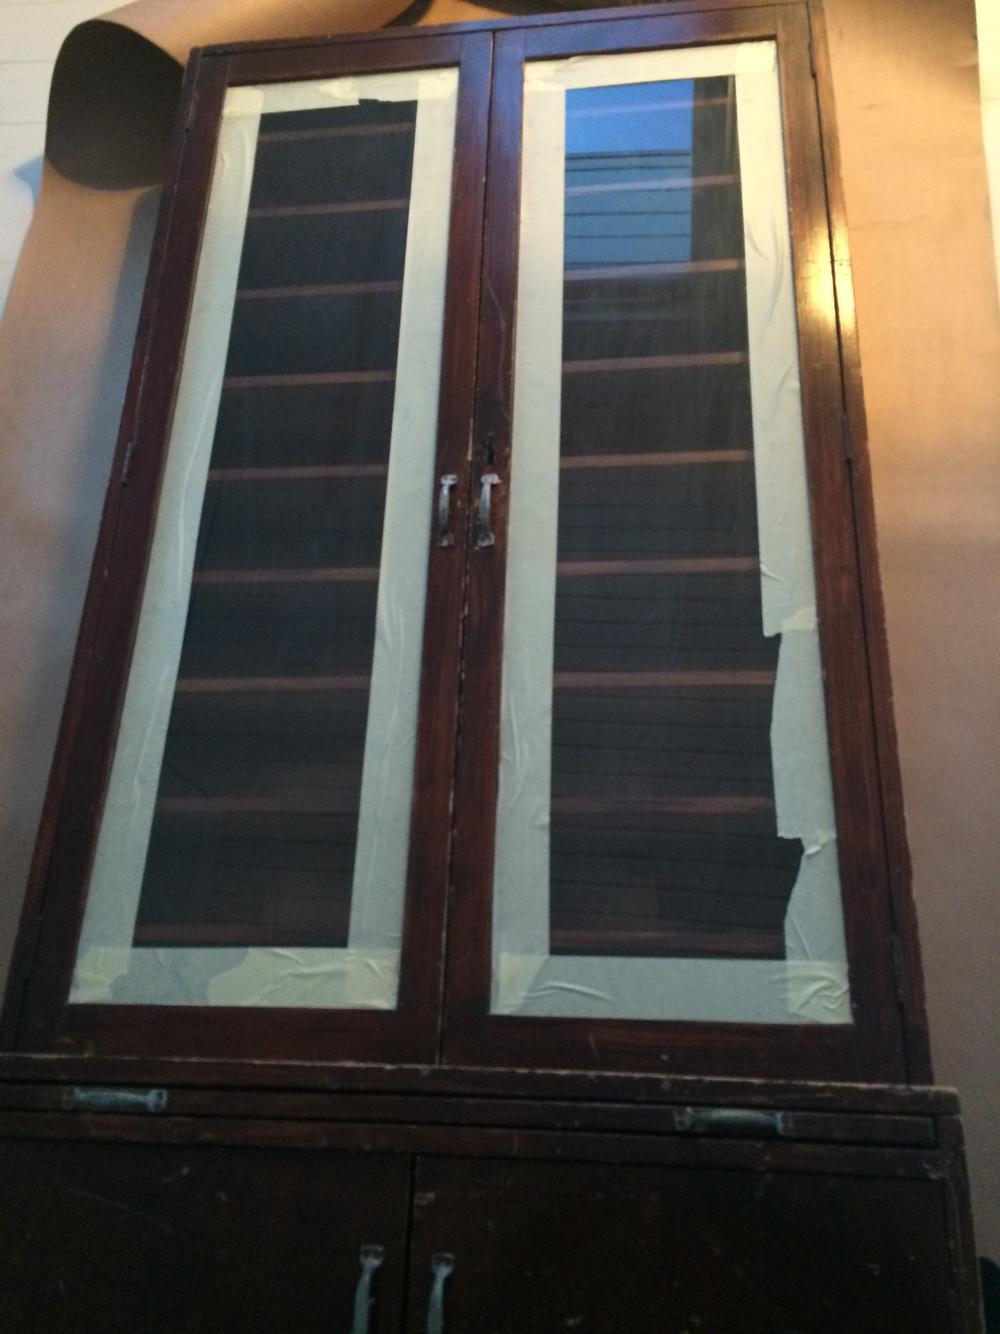 vanha korkokaappi lasihyllyllä. old heel cabinet with glass doors